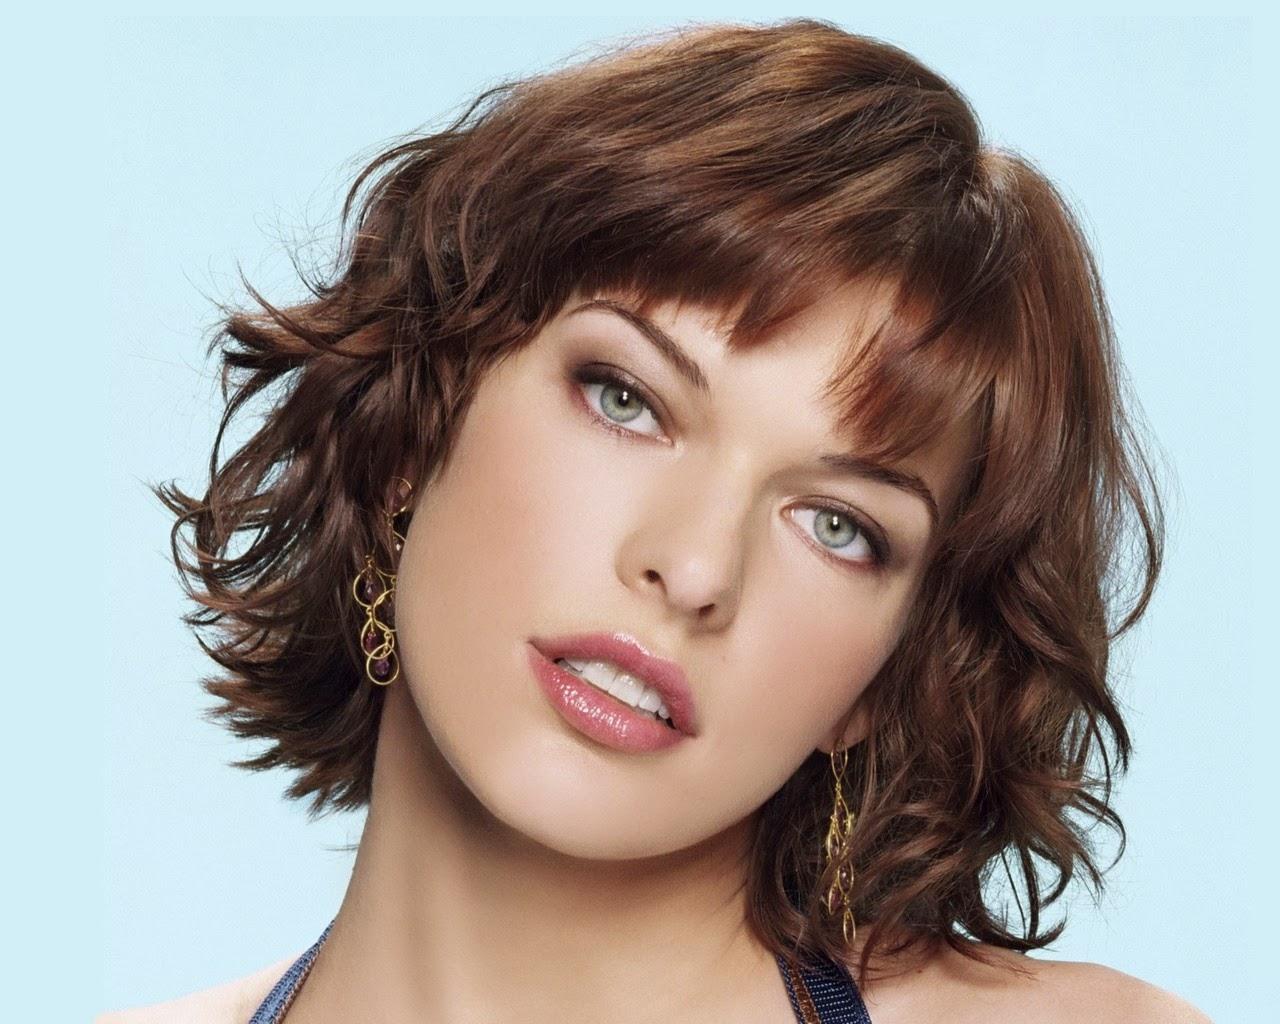 Model rambut sangatlah menghipnotis penampilan 6 Model Rambut Pendek Selebriti Yang Baik Ditiru